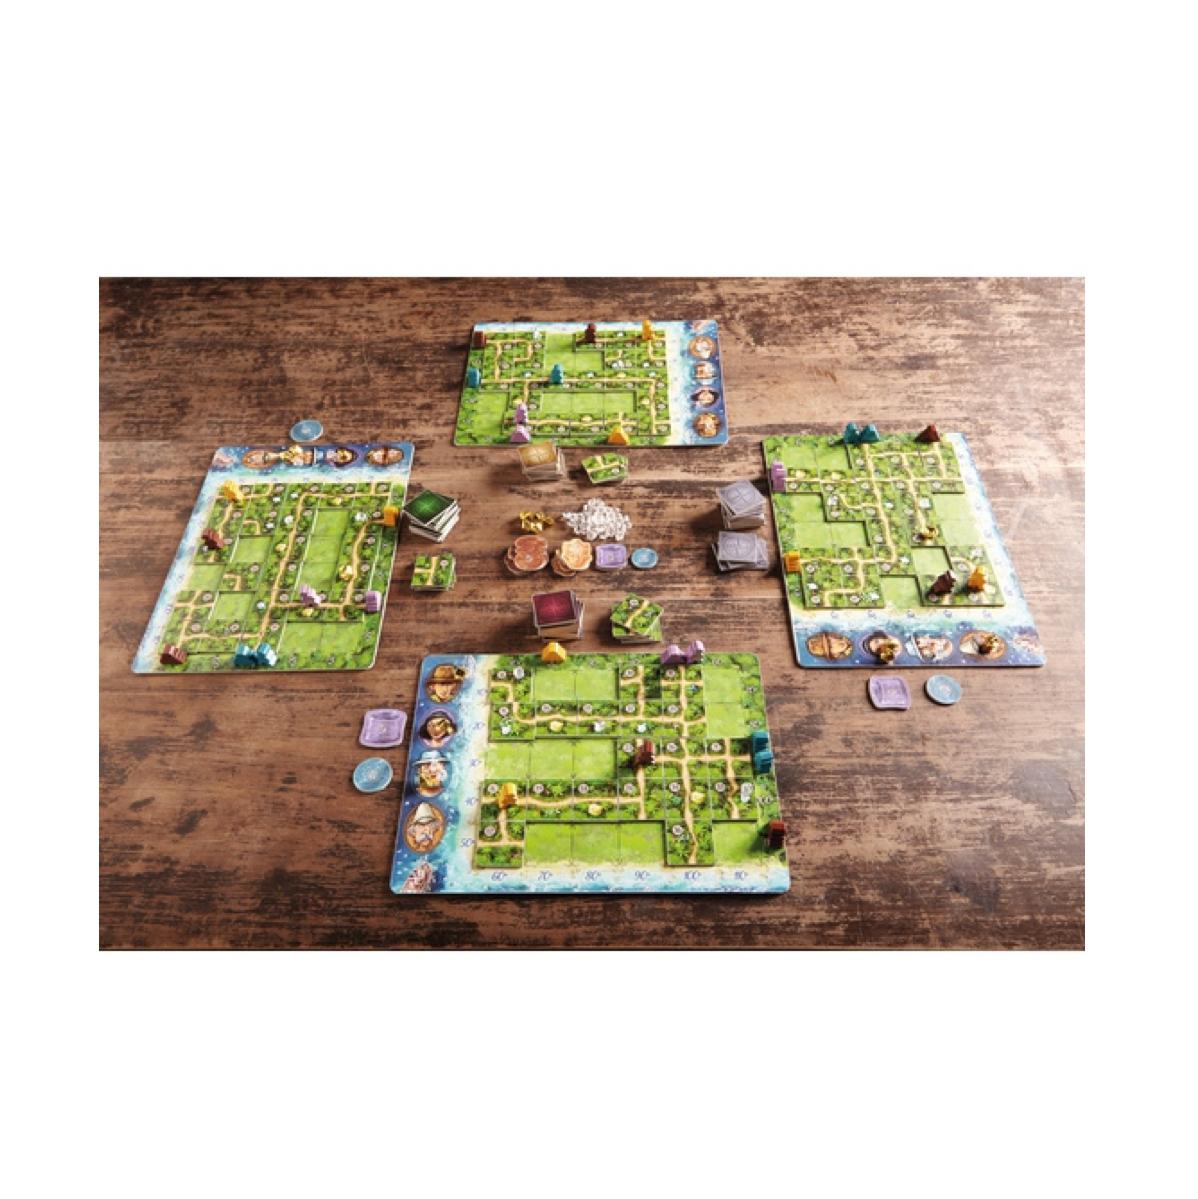 juego-de-aventura-karuba-haba-el-mundo-de-mico3